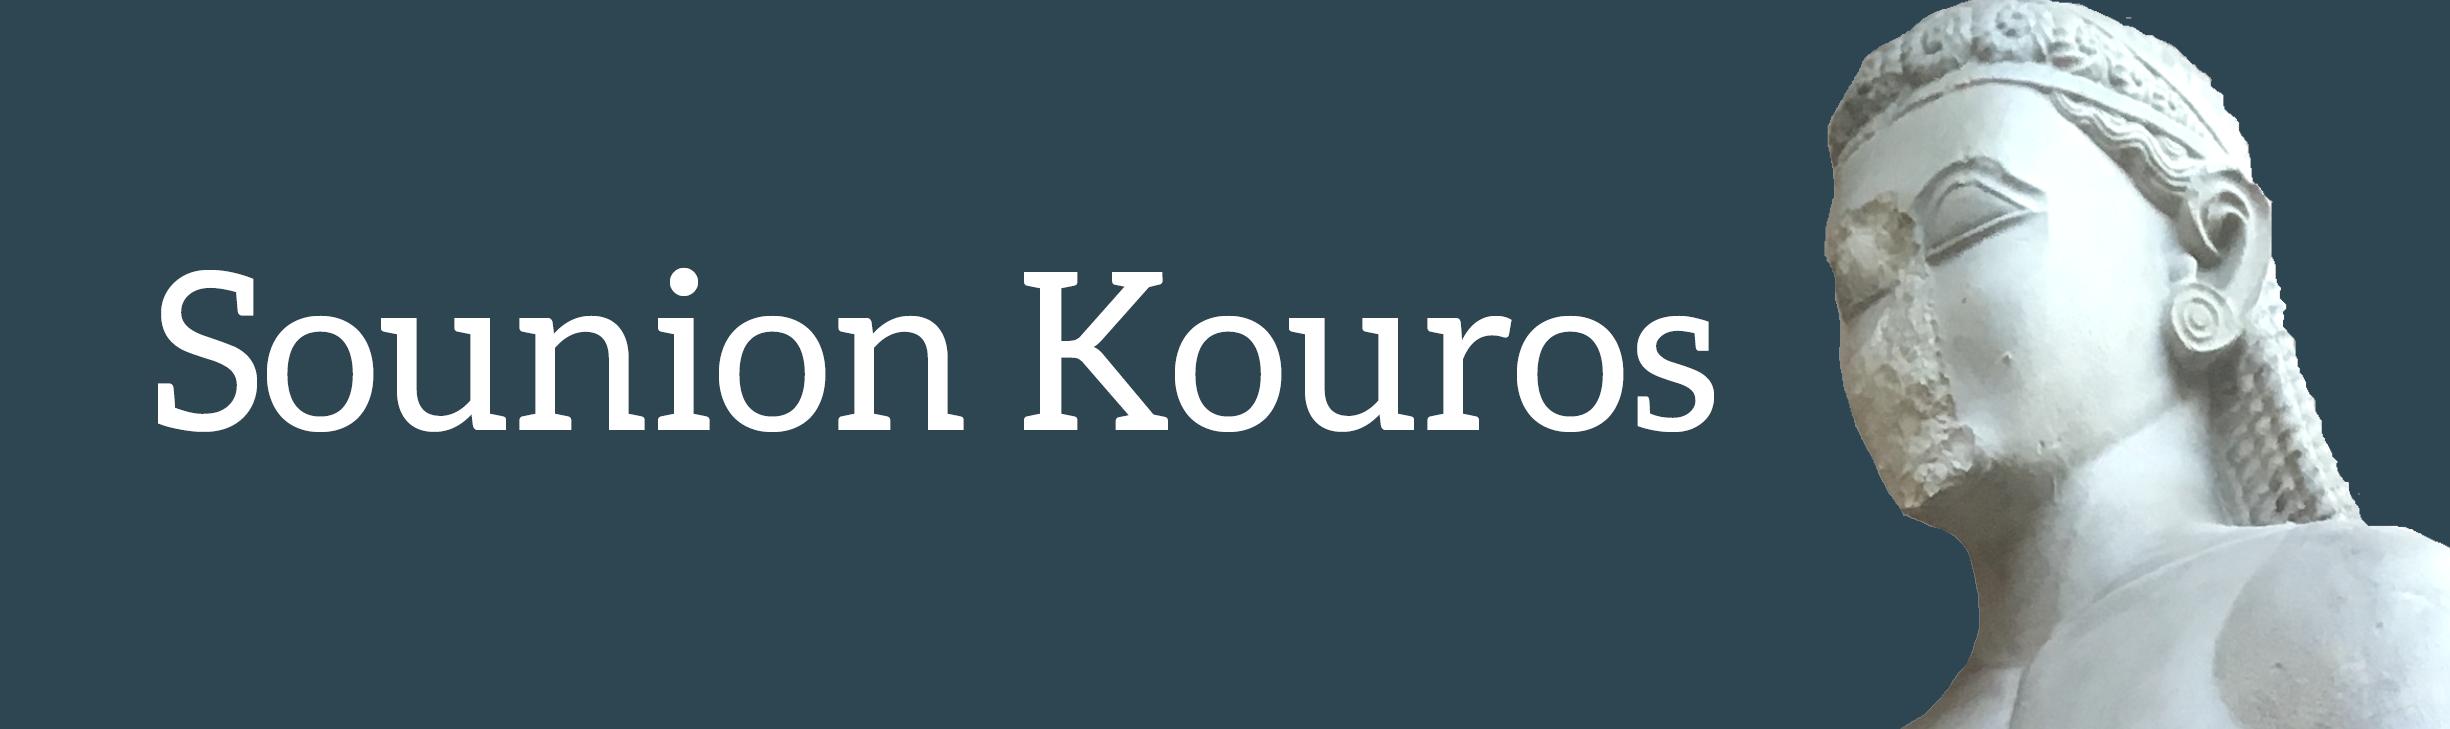 Sounion Kouros